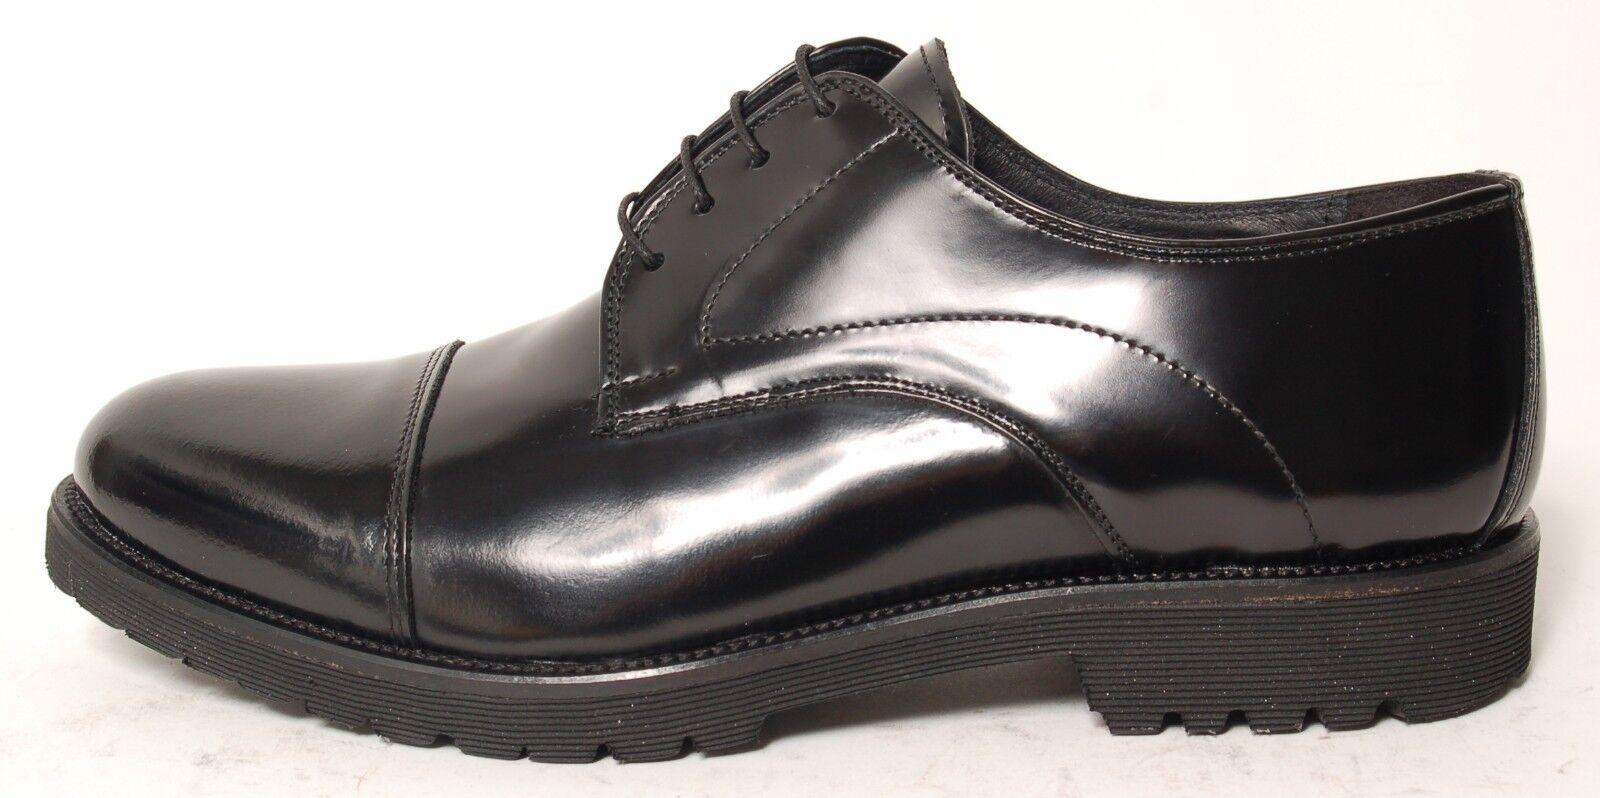 Schuhe - Antica Calzoleria Campana Schuhe